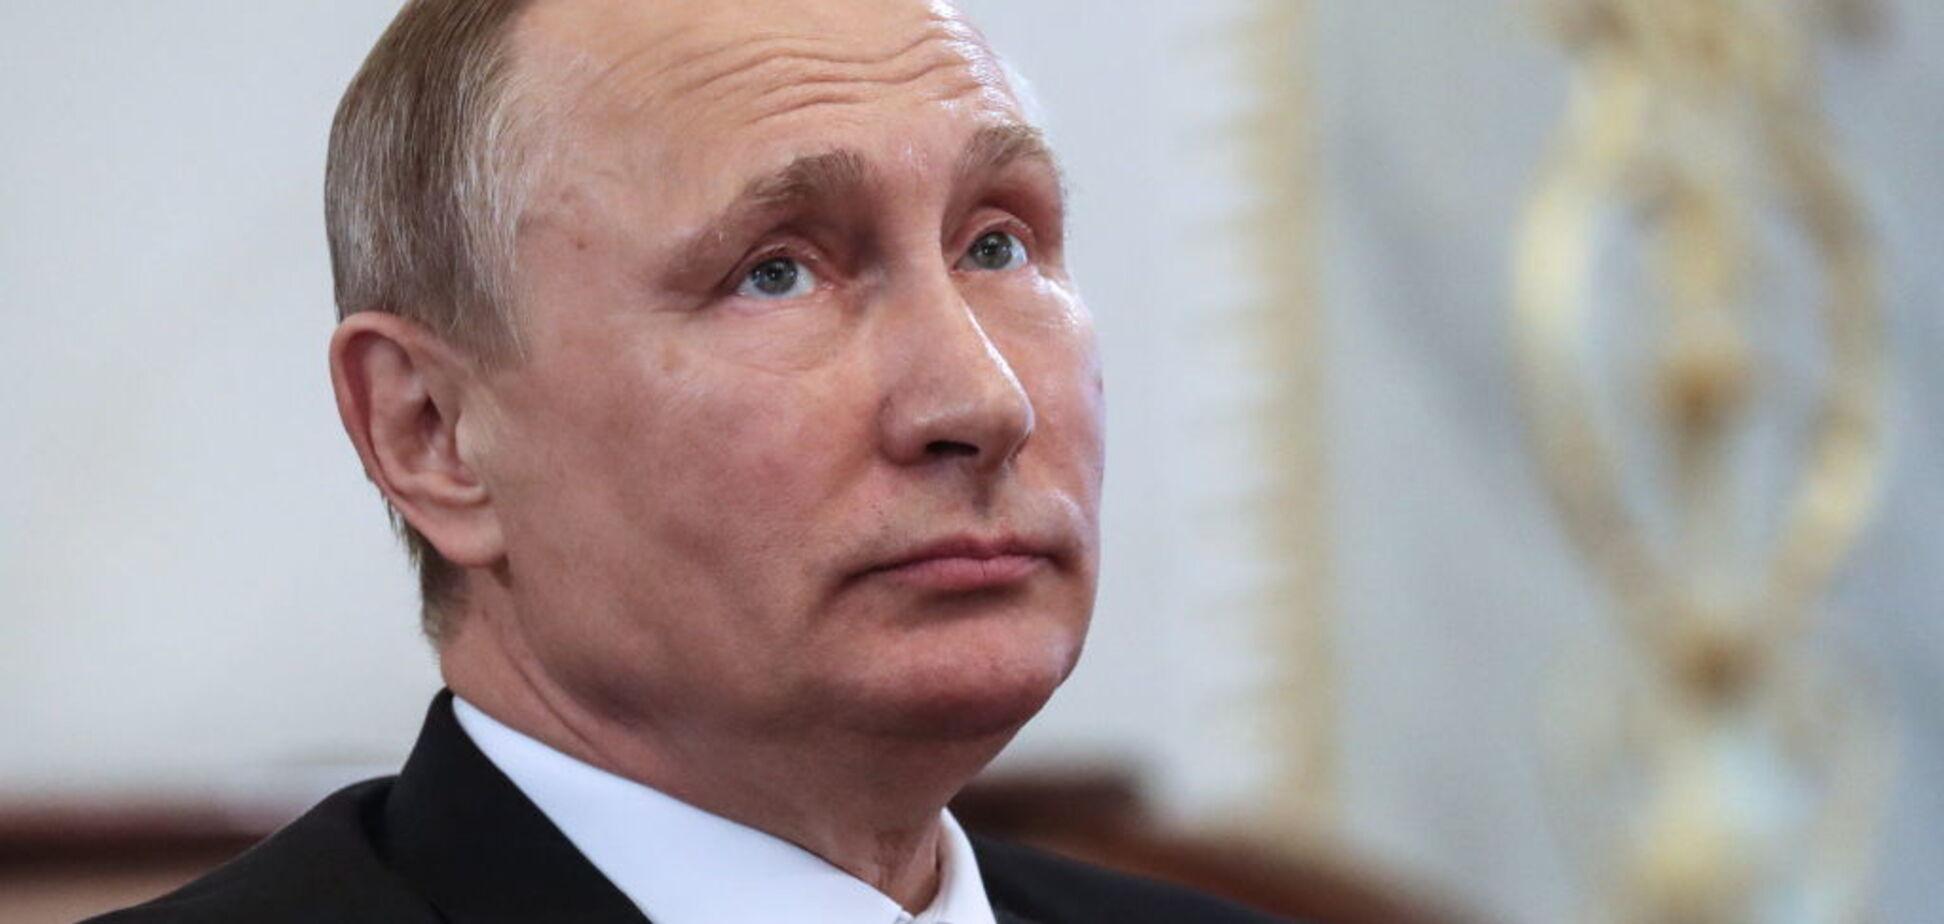 ''Цар Пу'': українець висміяв Путіна яскравою карикатурою